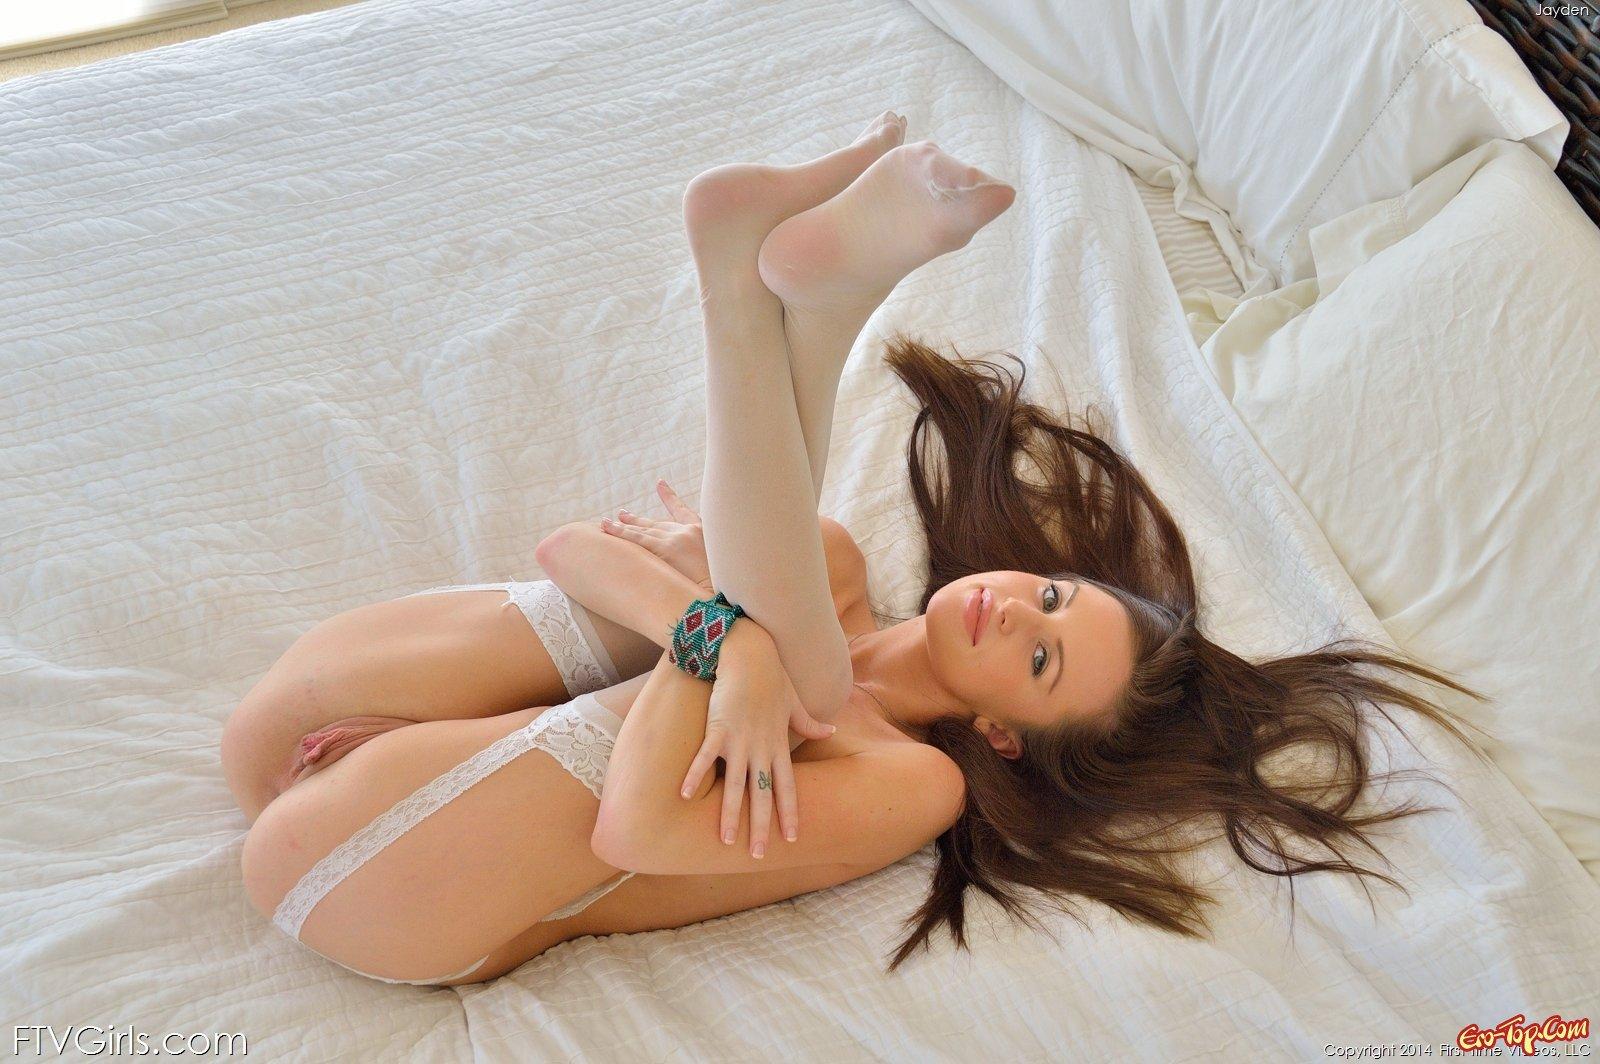 Деваха в светлых чулочках снимается в постеле